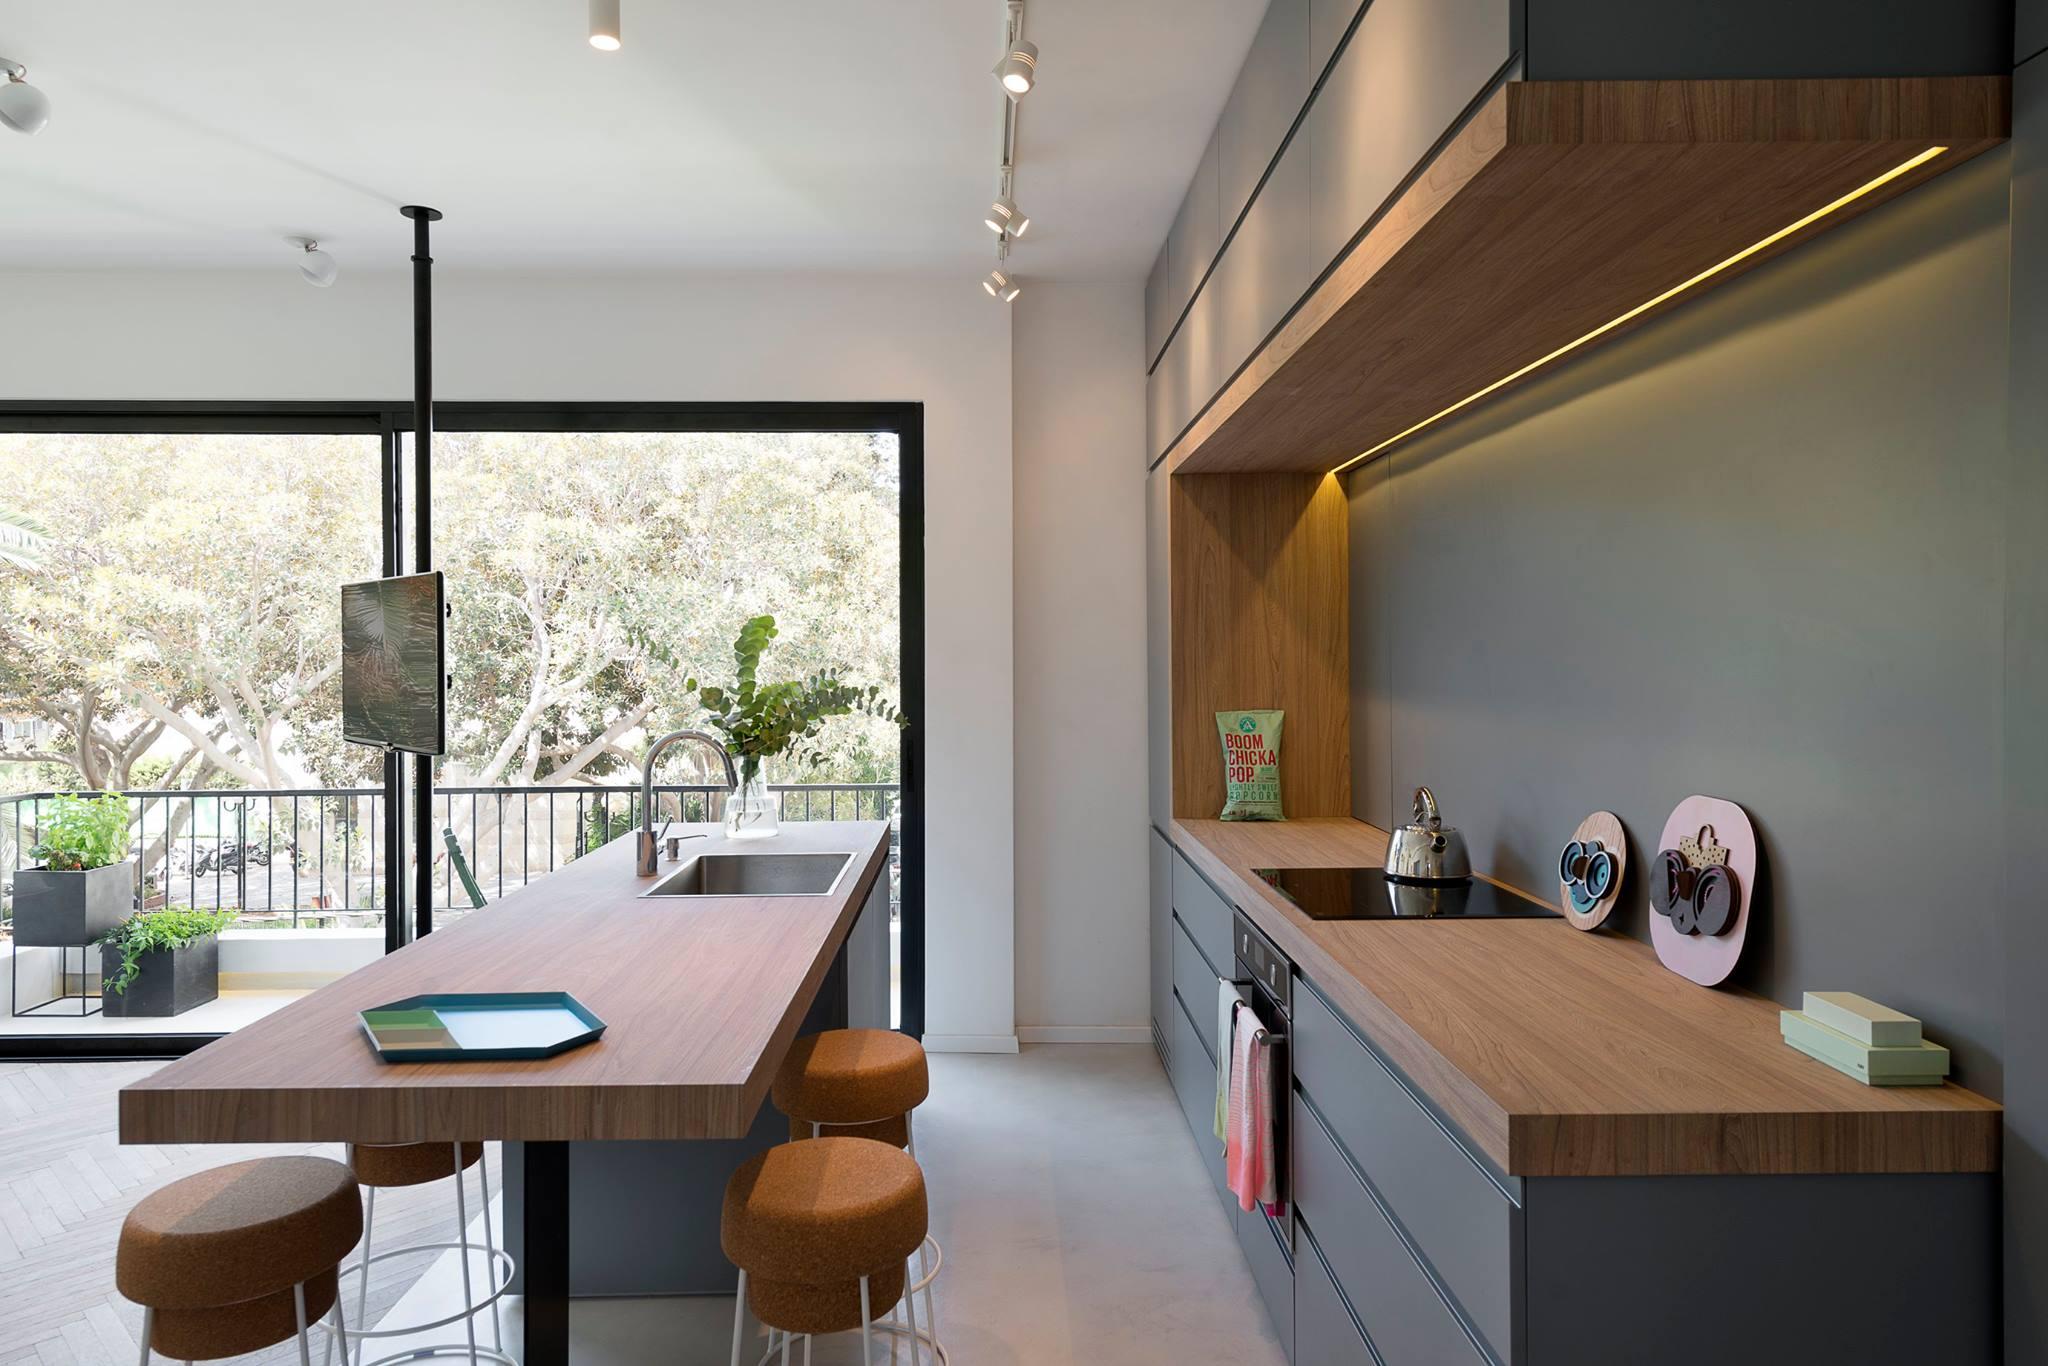 35 ispirazioni per una arredare la cucina a vista living - Soggiorno living con cucina ...